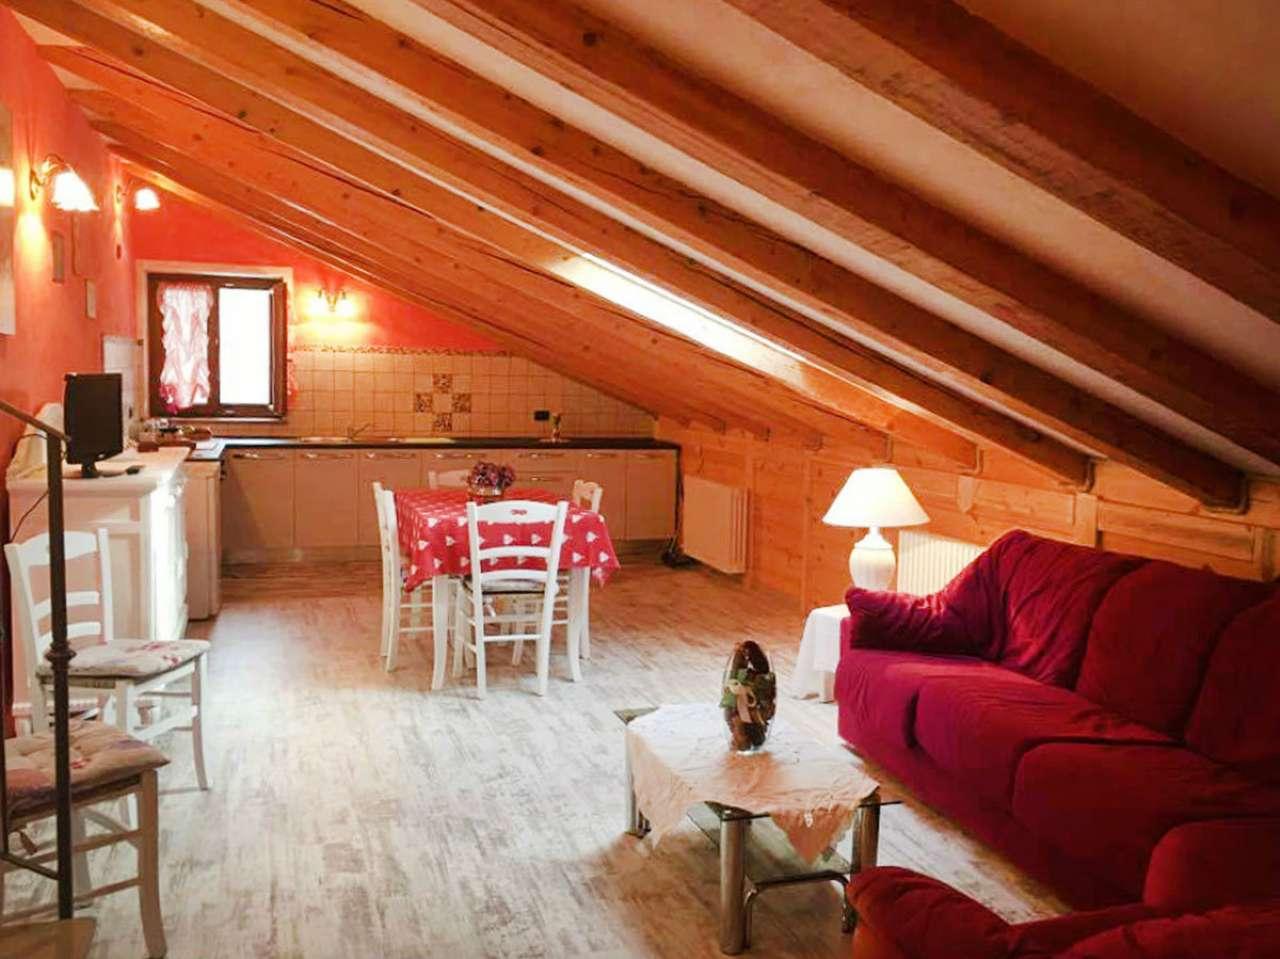 Attico / Mansarda in affitto a Roisan, 3 locali, Trattative riservate | Cambio Casa.it